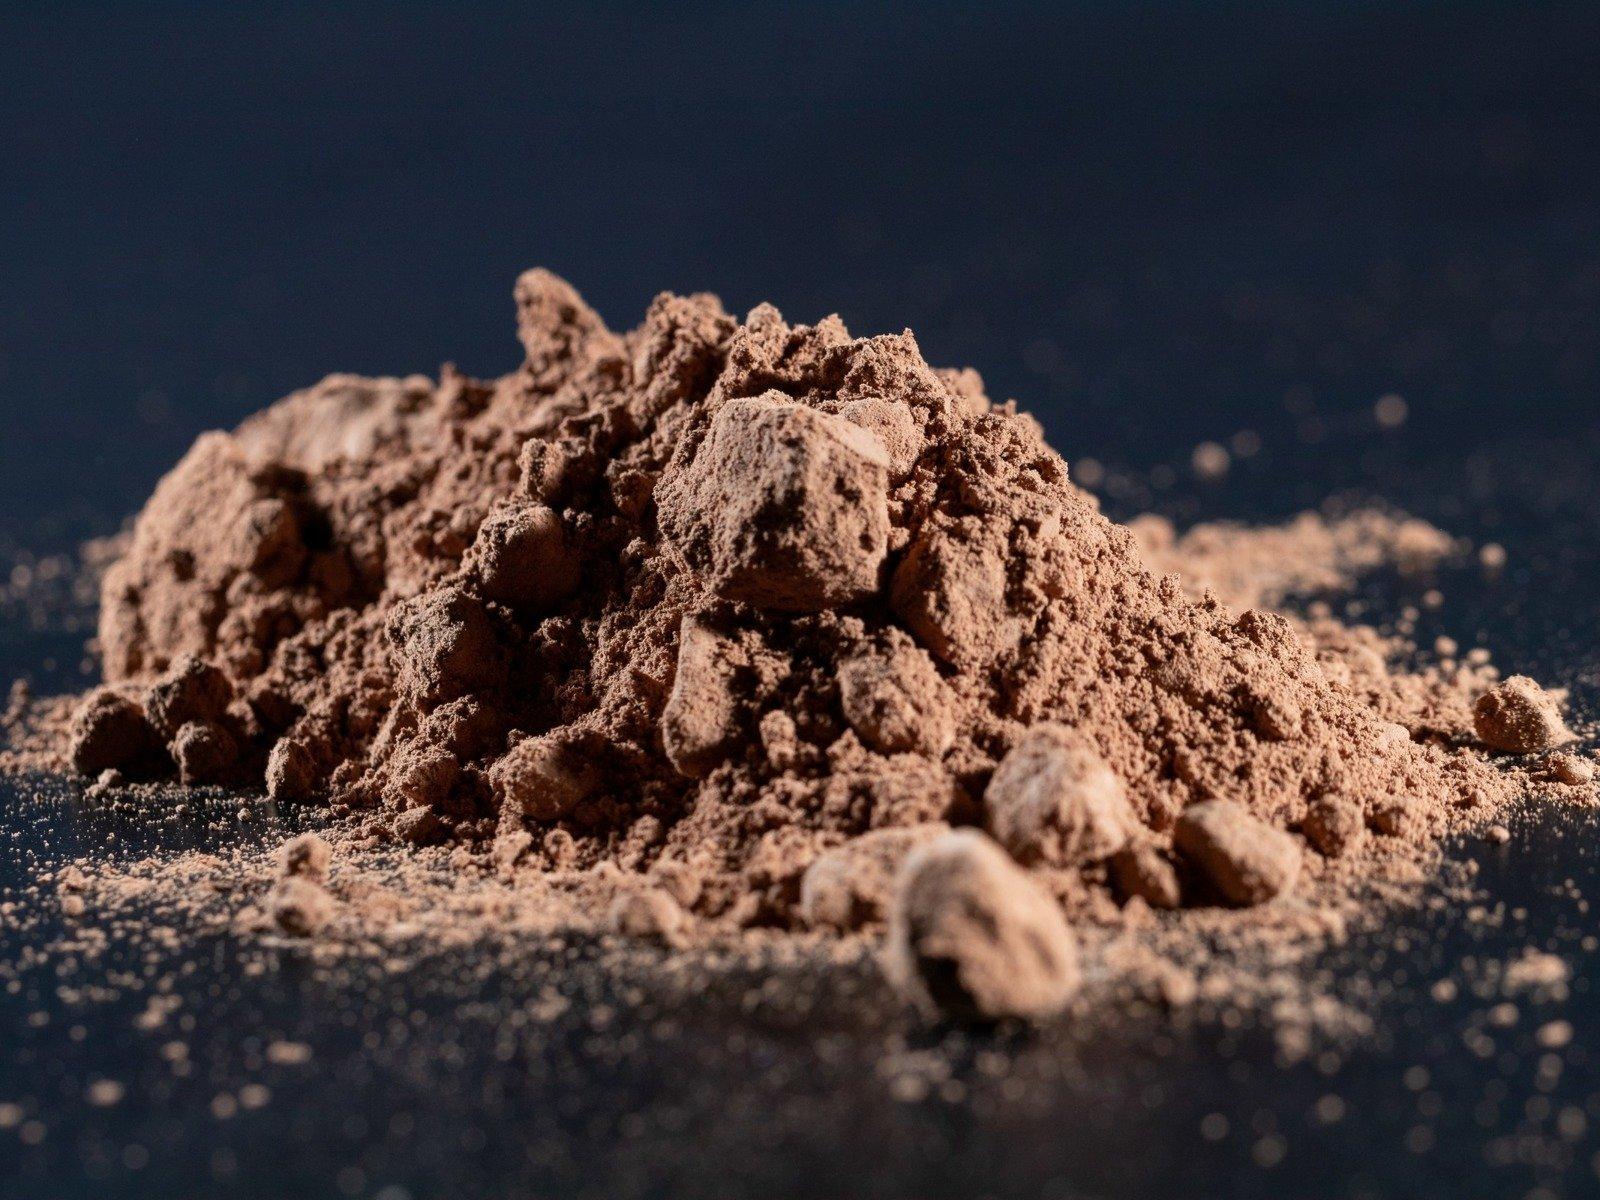 Kakao naturalne / Proszek kakaowy Naturalny 10-12% 5kg Ekwador